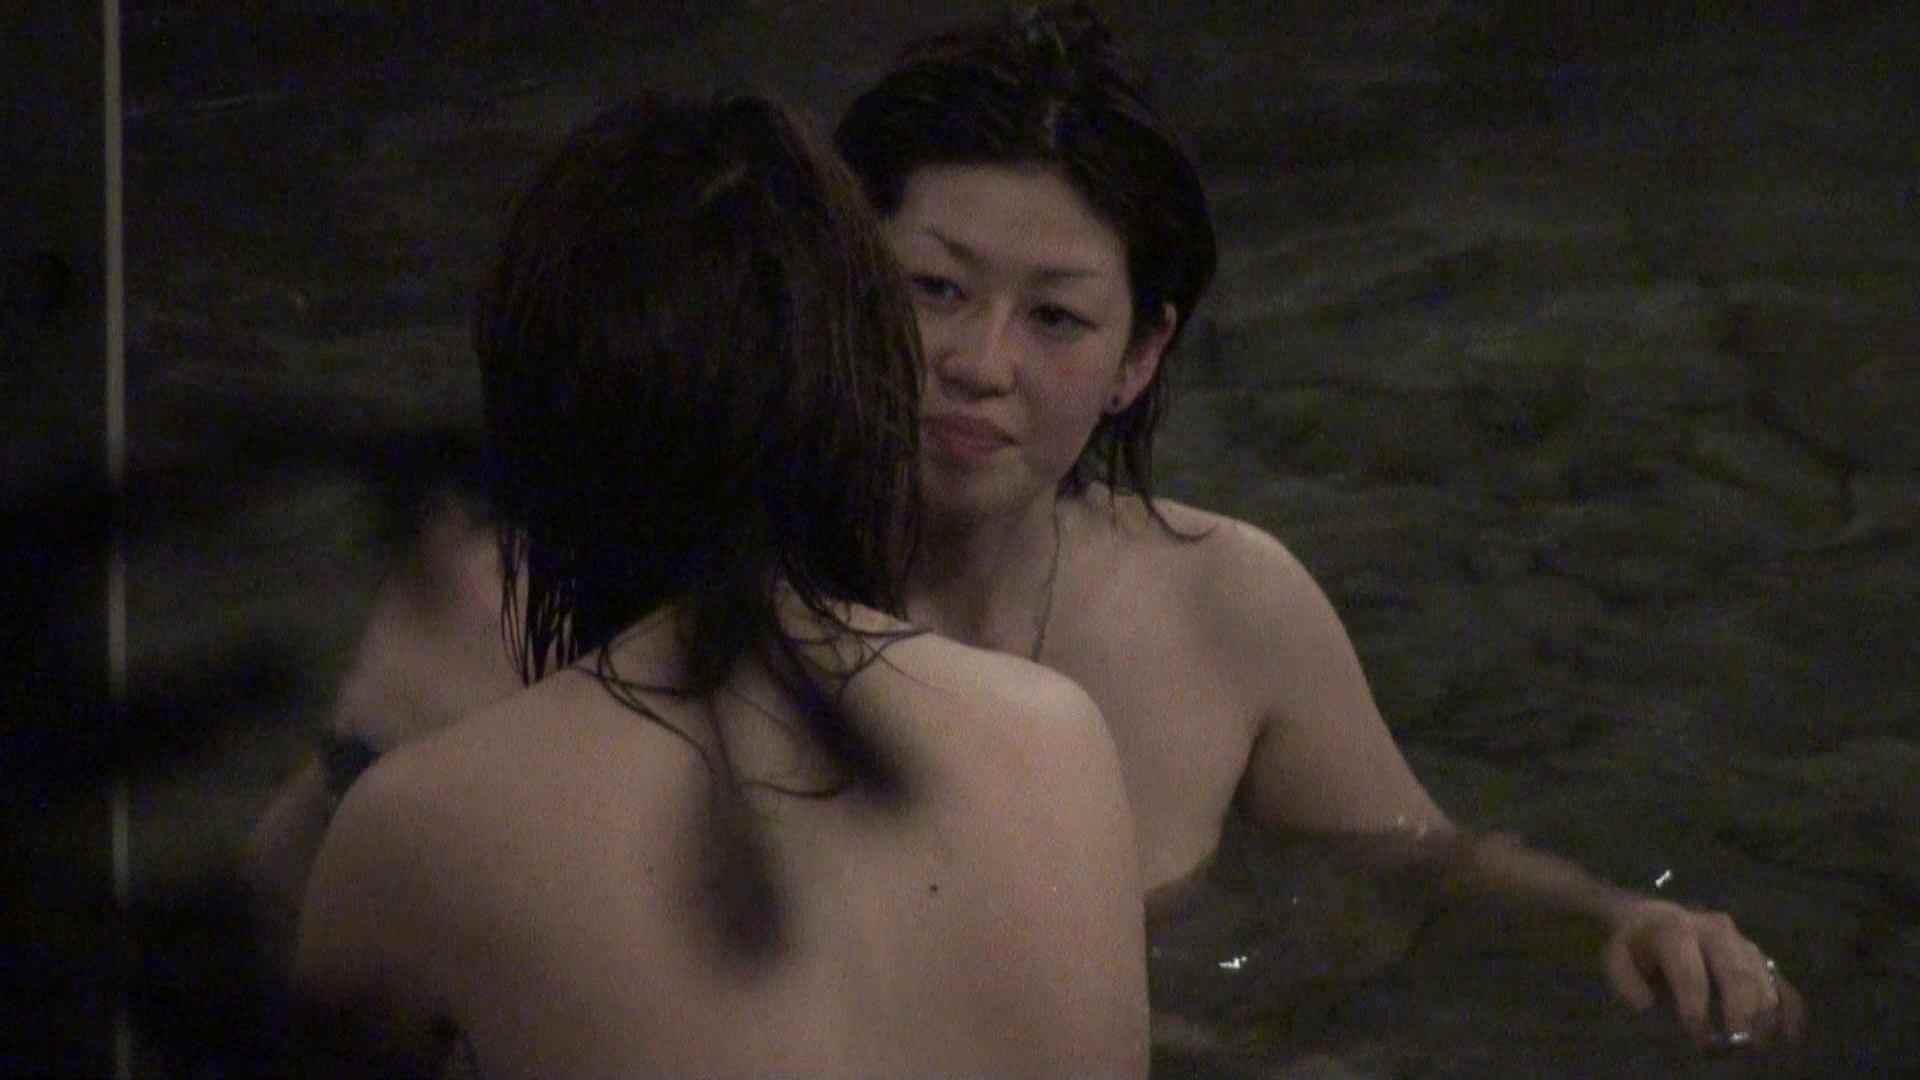 Aquaな露天風呂Vol.376 盗撮特撮 覗きおまんこ画像 13pic 8